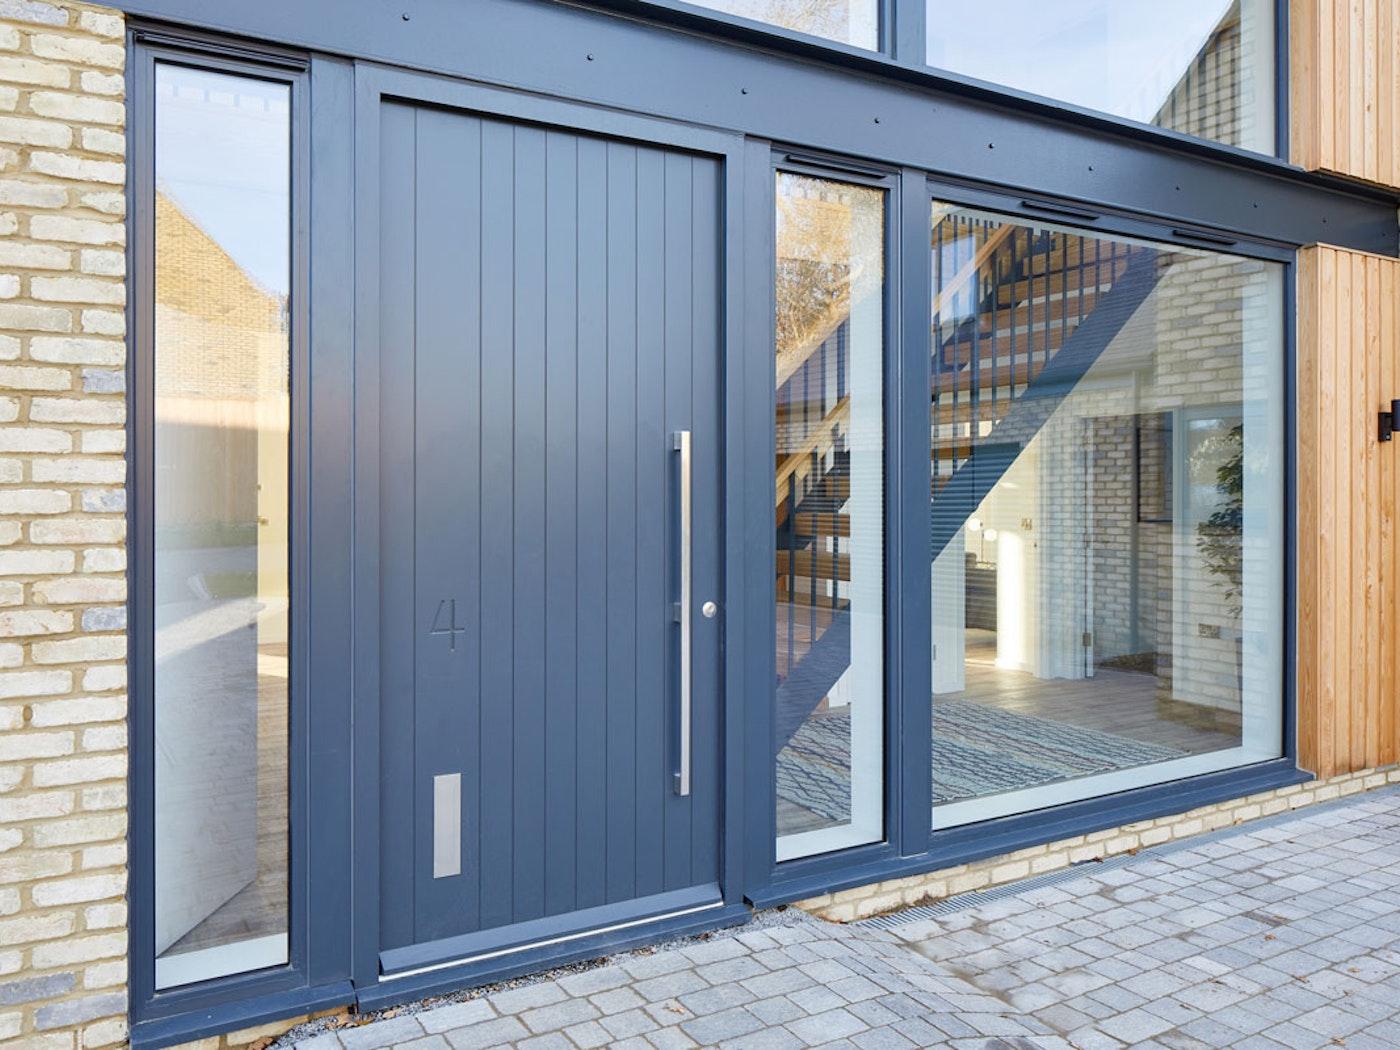 Numero front door | Grey painted | Vertical grooves | Urban Front